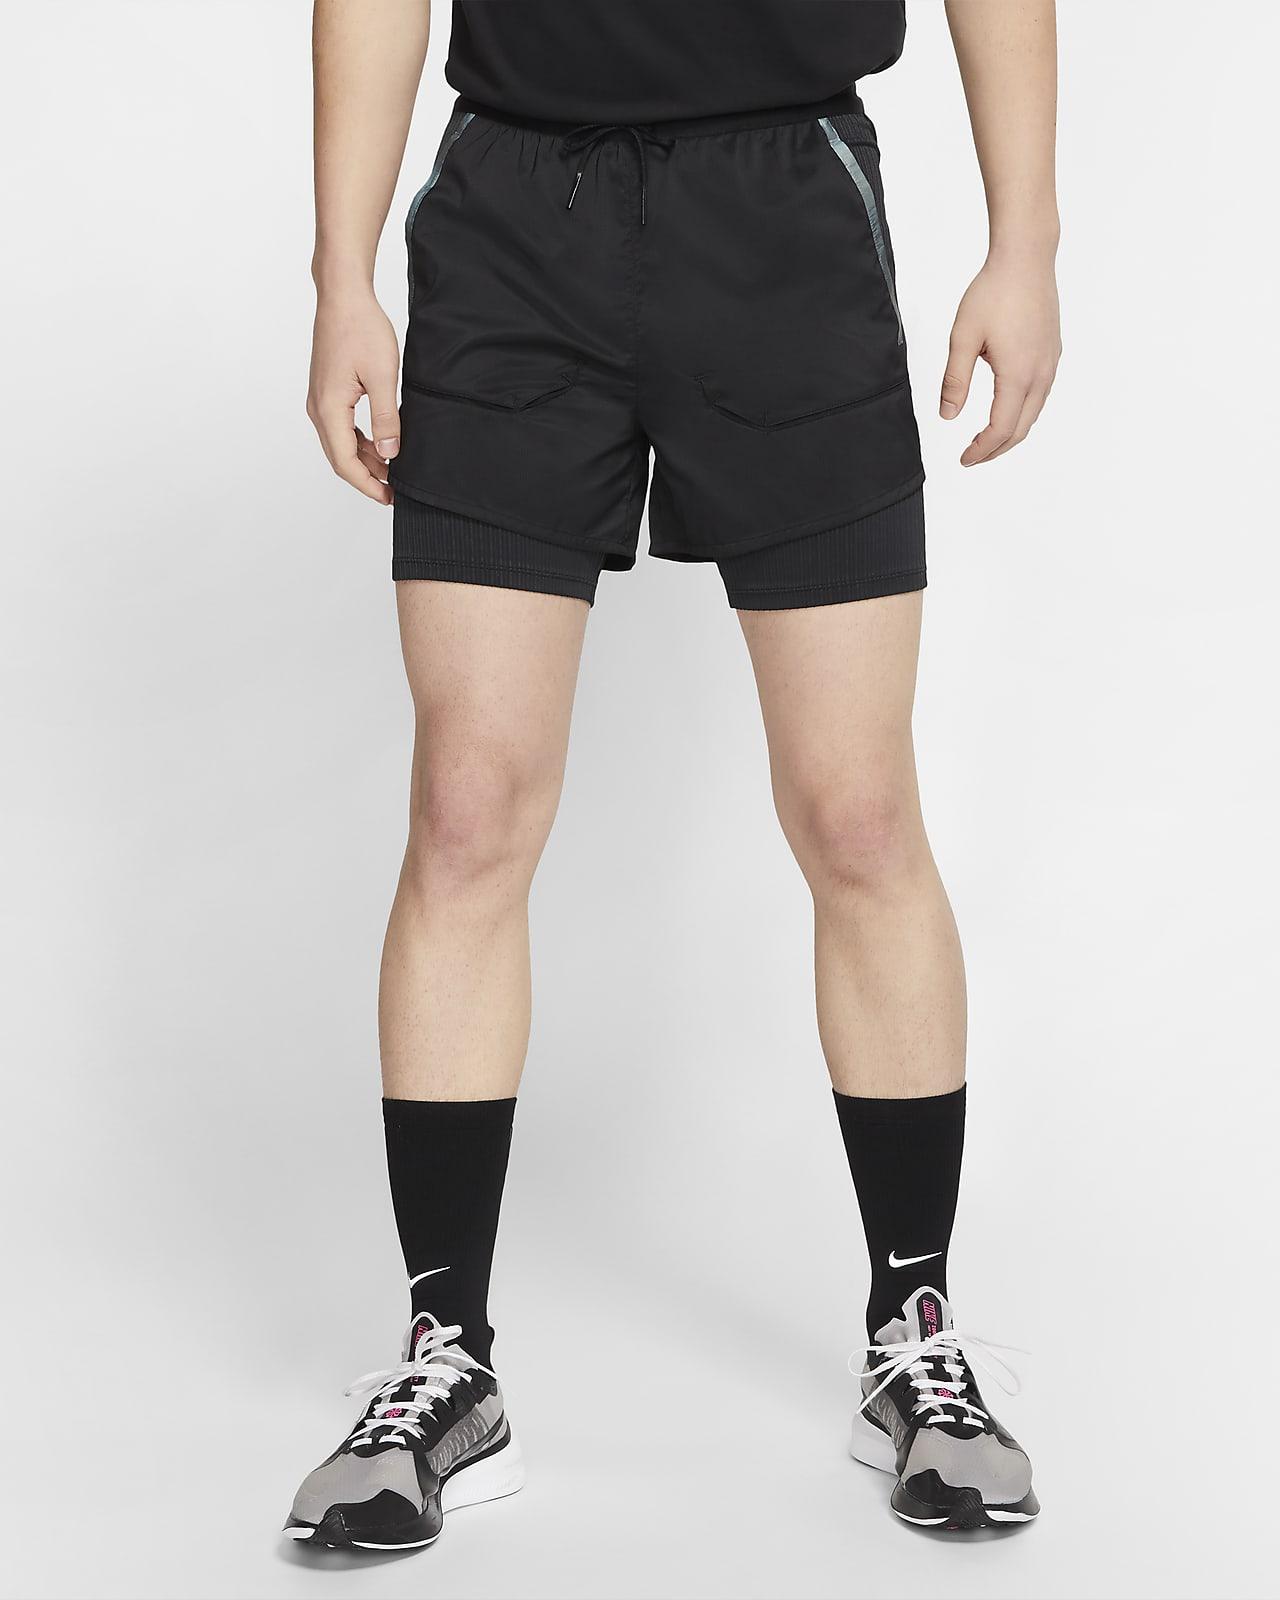 กางเกงวิ่งขาสั้น 2-in-1 ผู้ชาย Nike Tech Pack